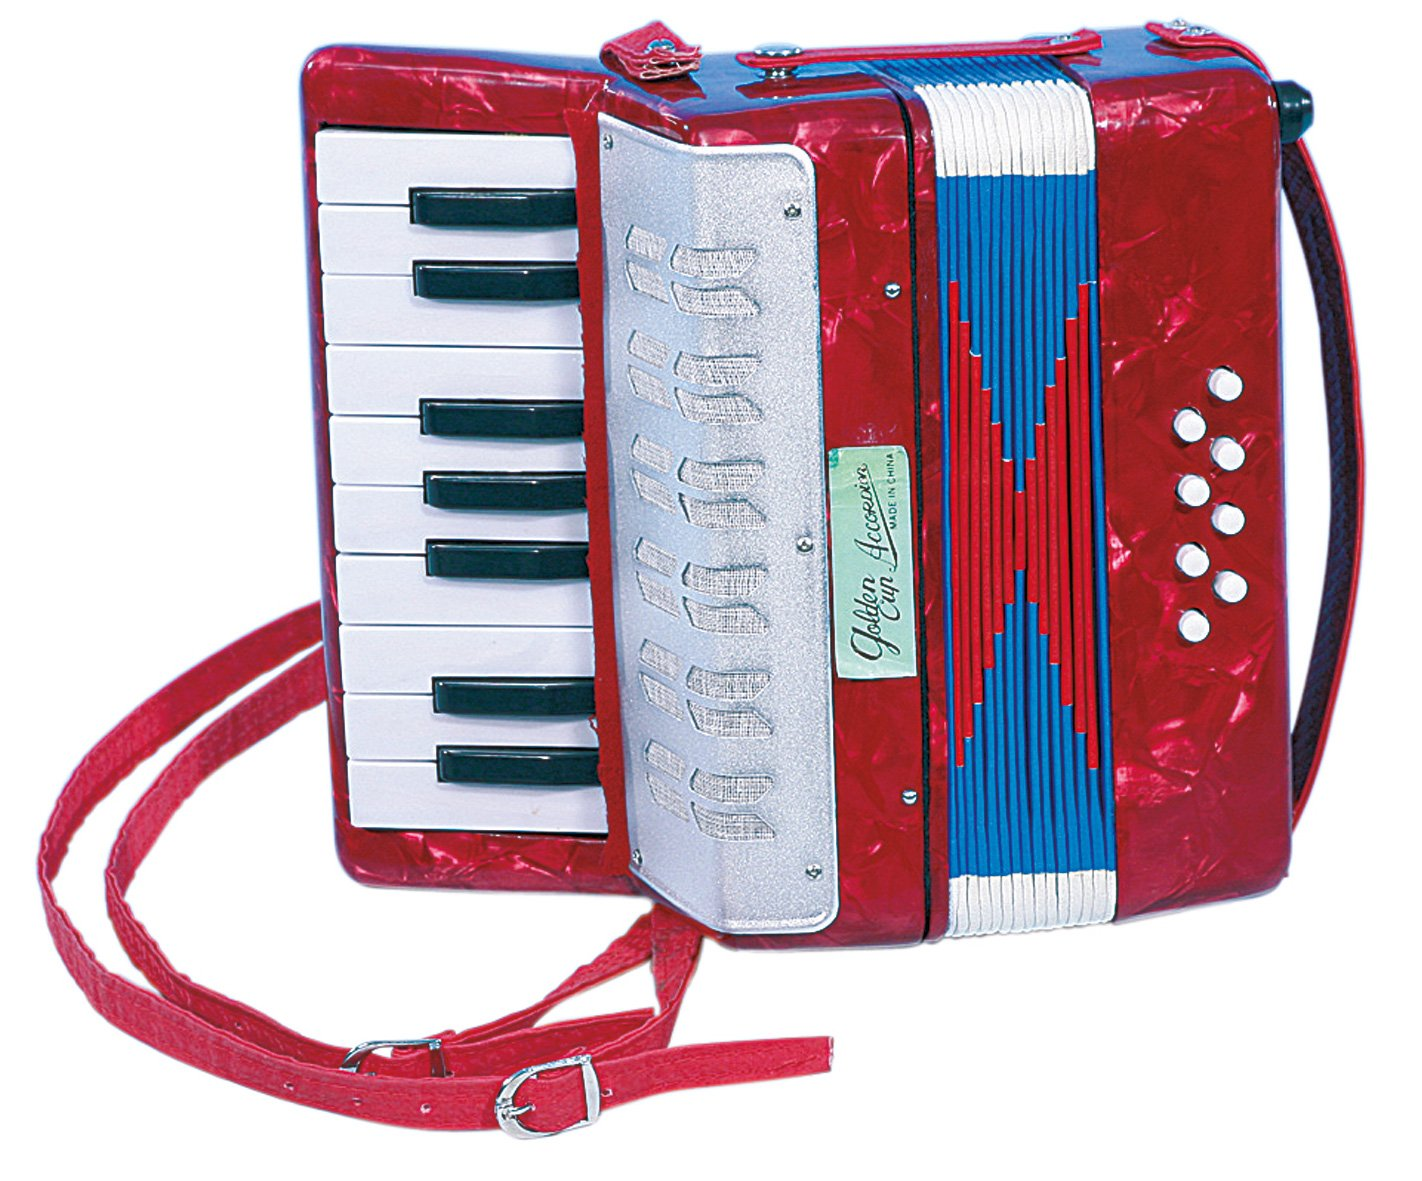 ahorra hasta un 30-50% de descuento Niños Acordeón Armónica Zieharmonica de madera 17 teclas teclas teclas  gran descuento